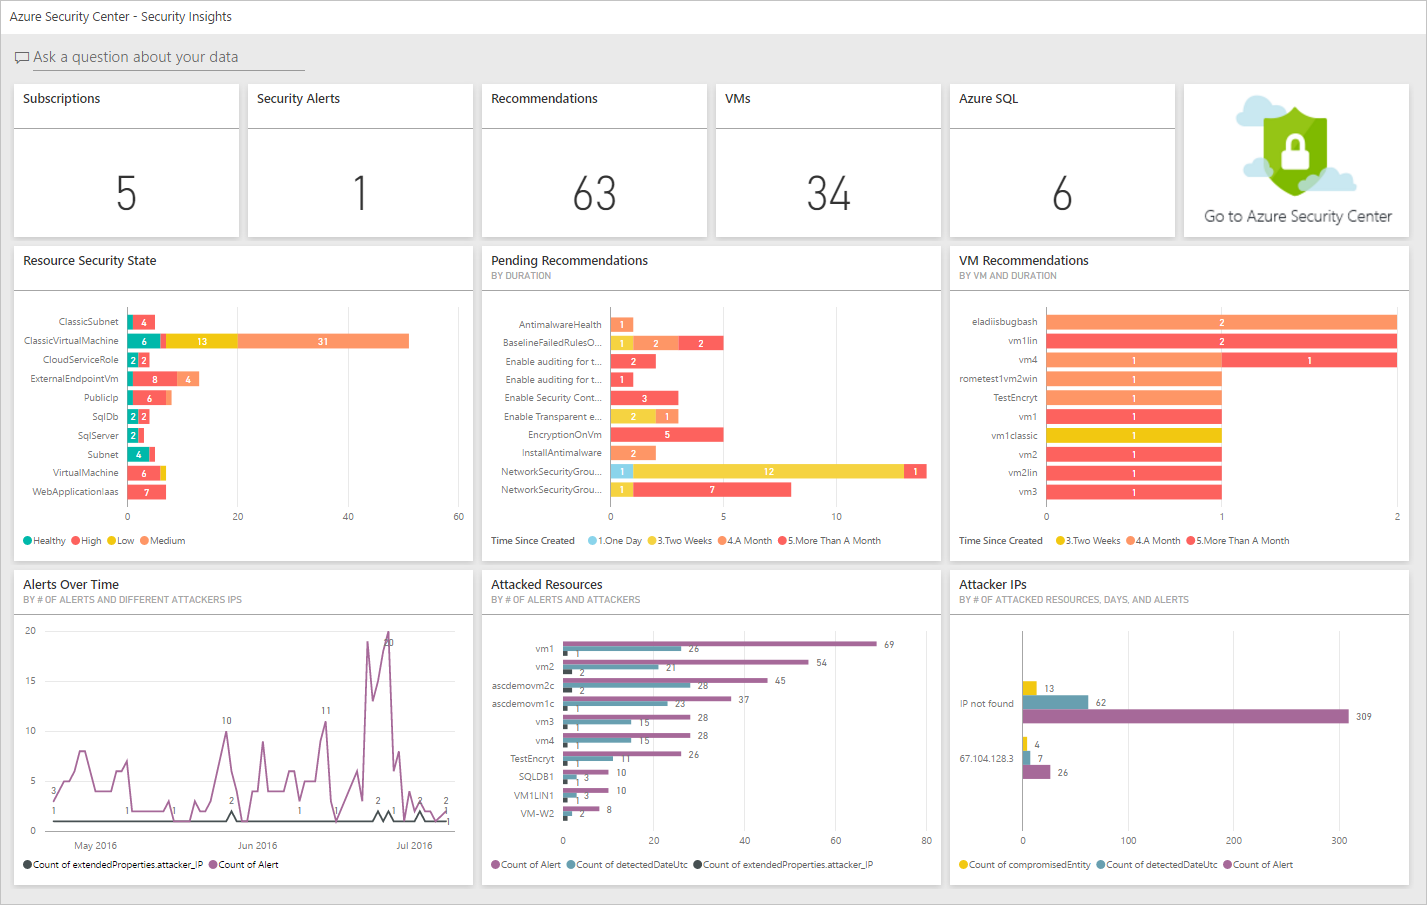 Power BI で Azure Security Center のデータから洞察を得る